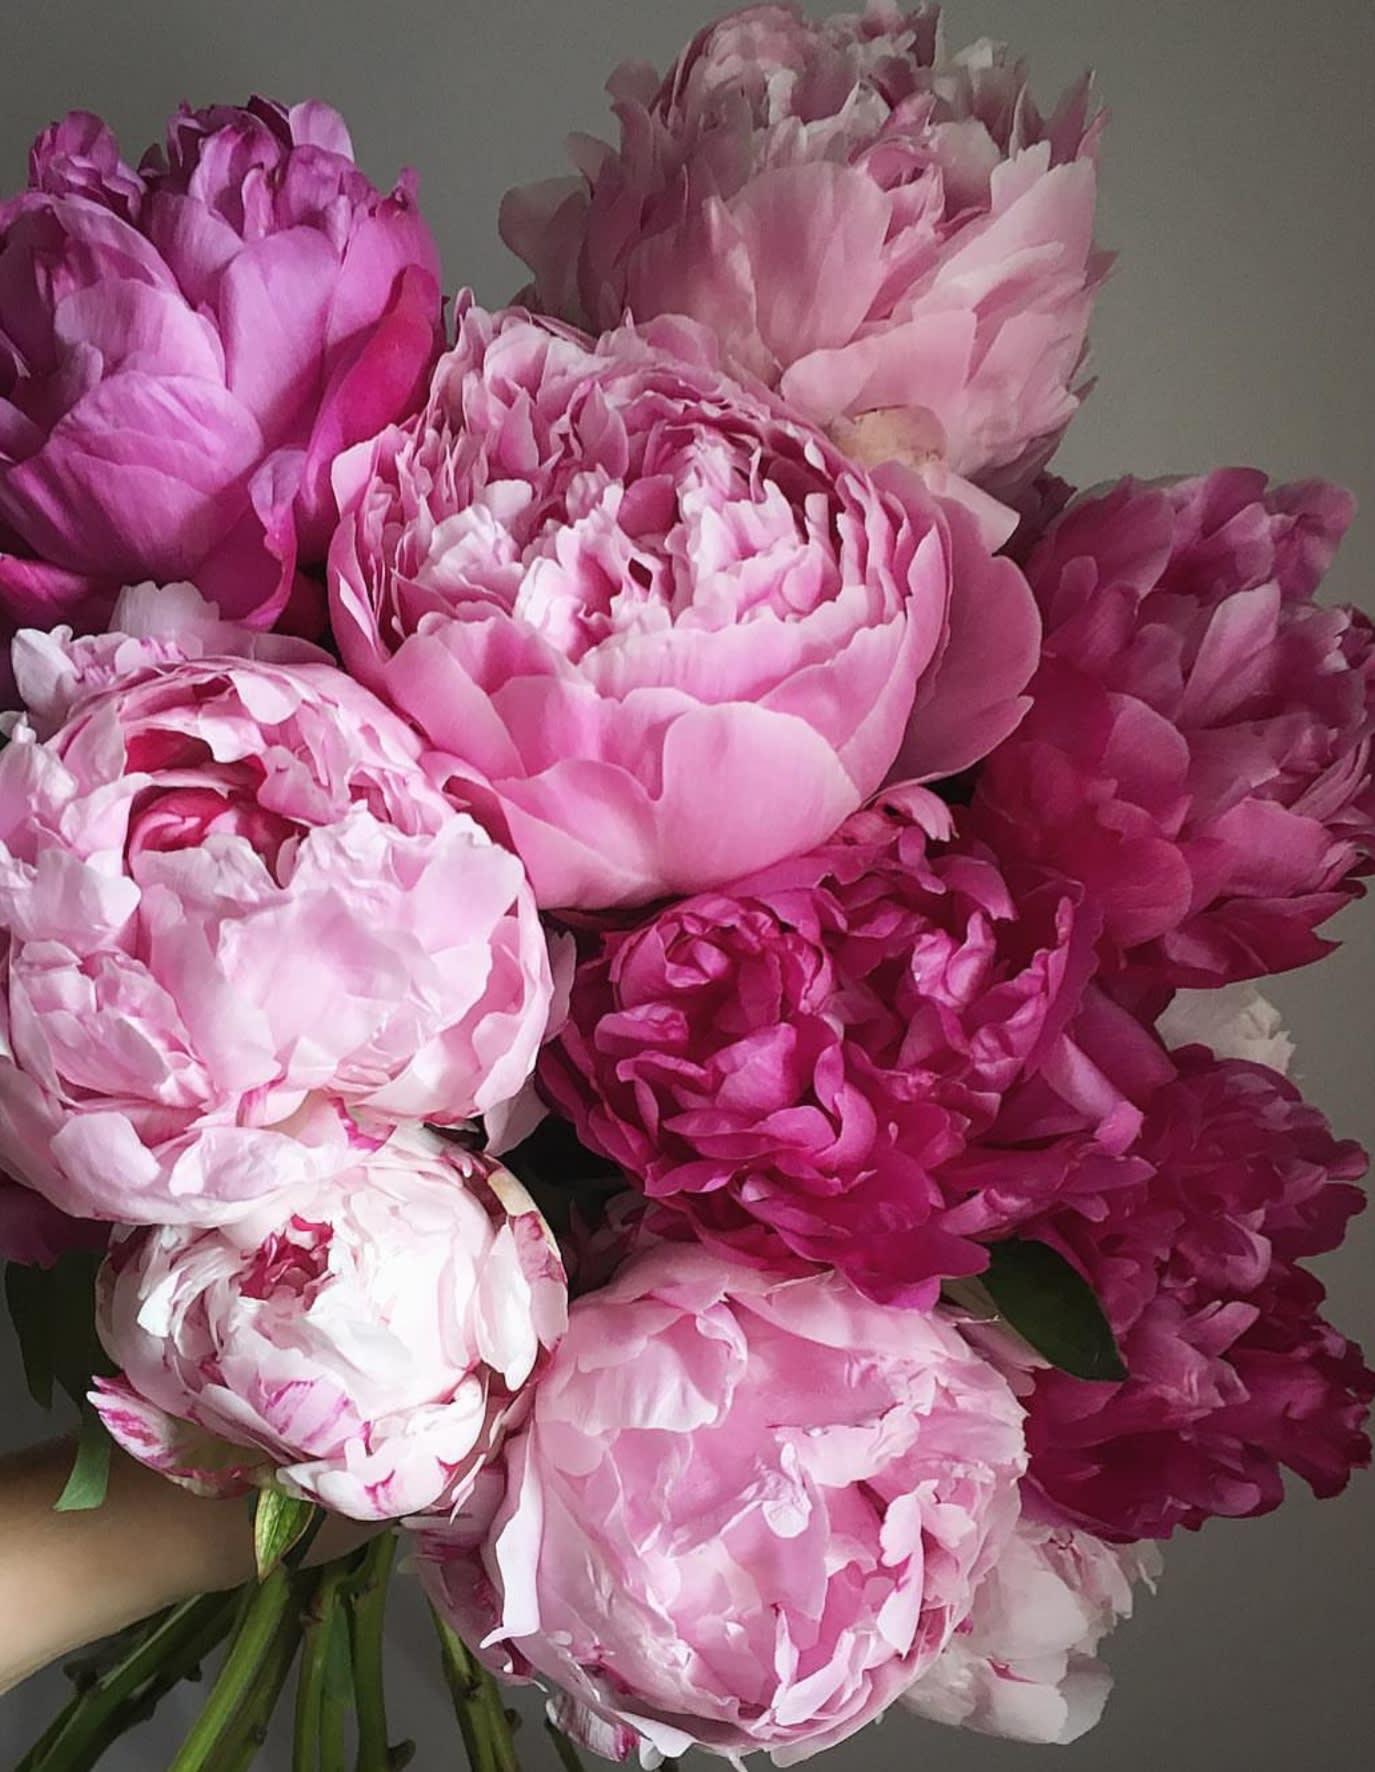 Bouquet Of Peonies In Cerritos Ca Cerritosflowers Com